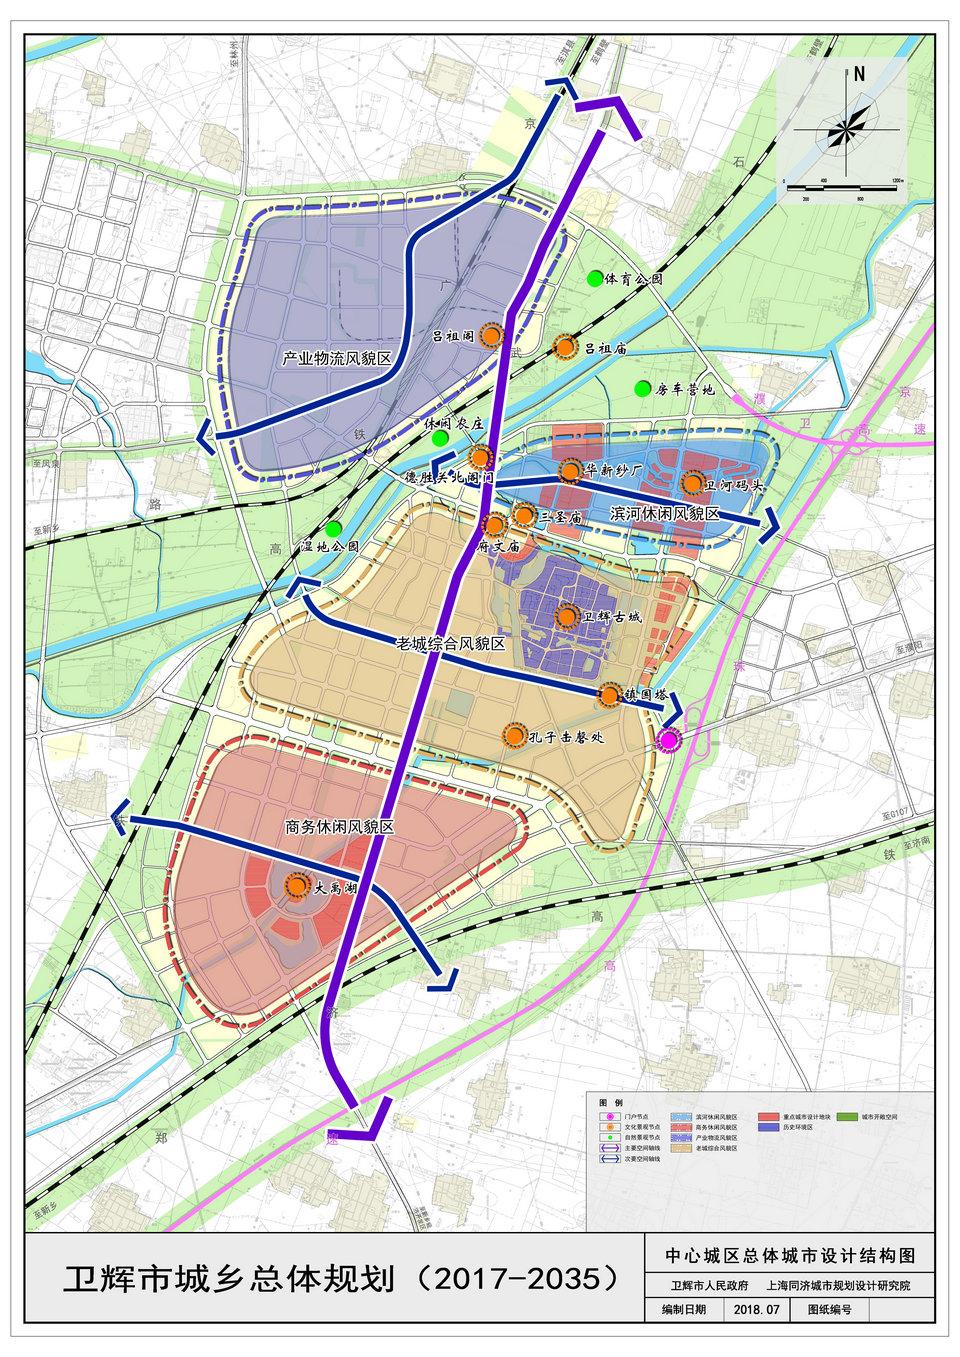 卫辉高铁站规划图